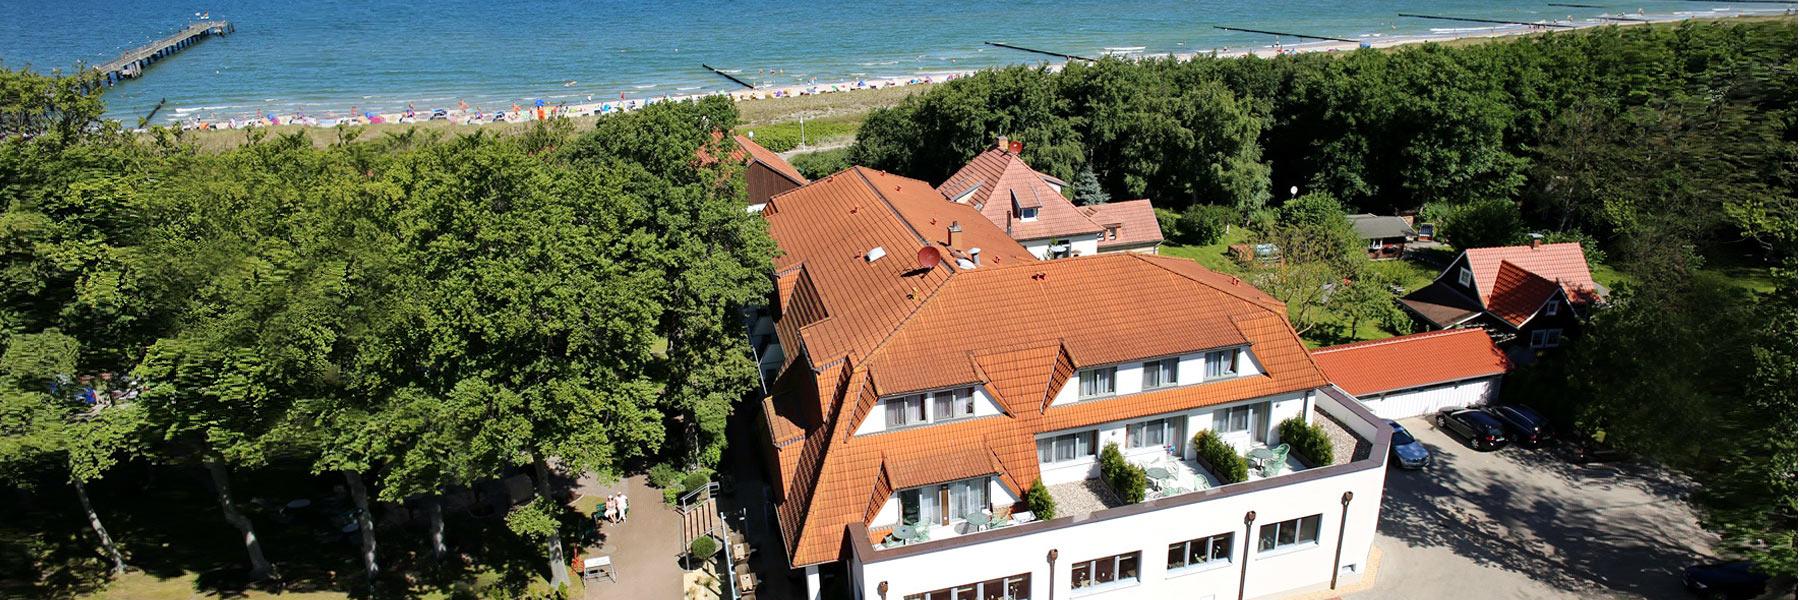 Hotel Haus am Meer Graal Müritz